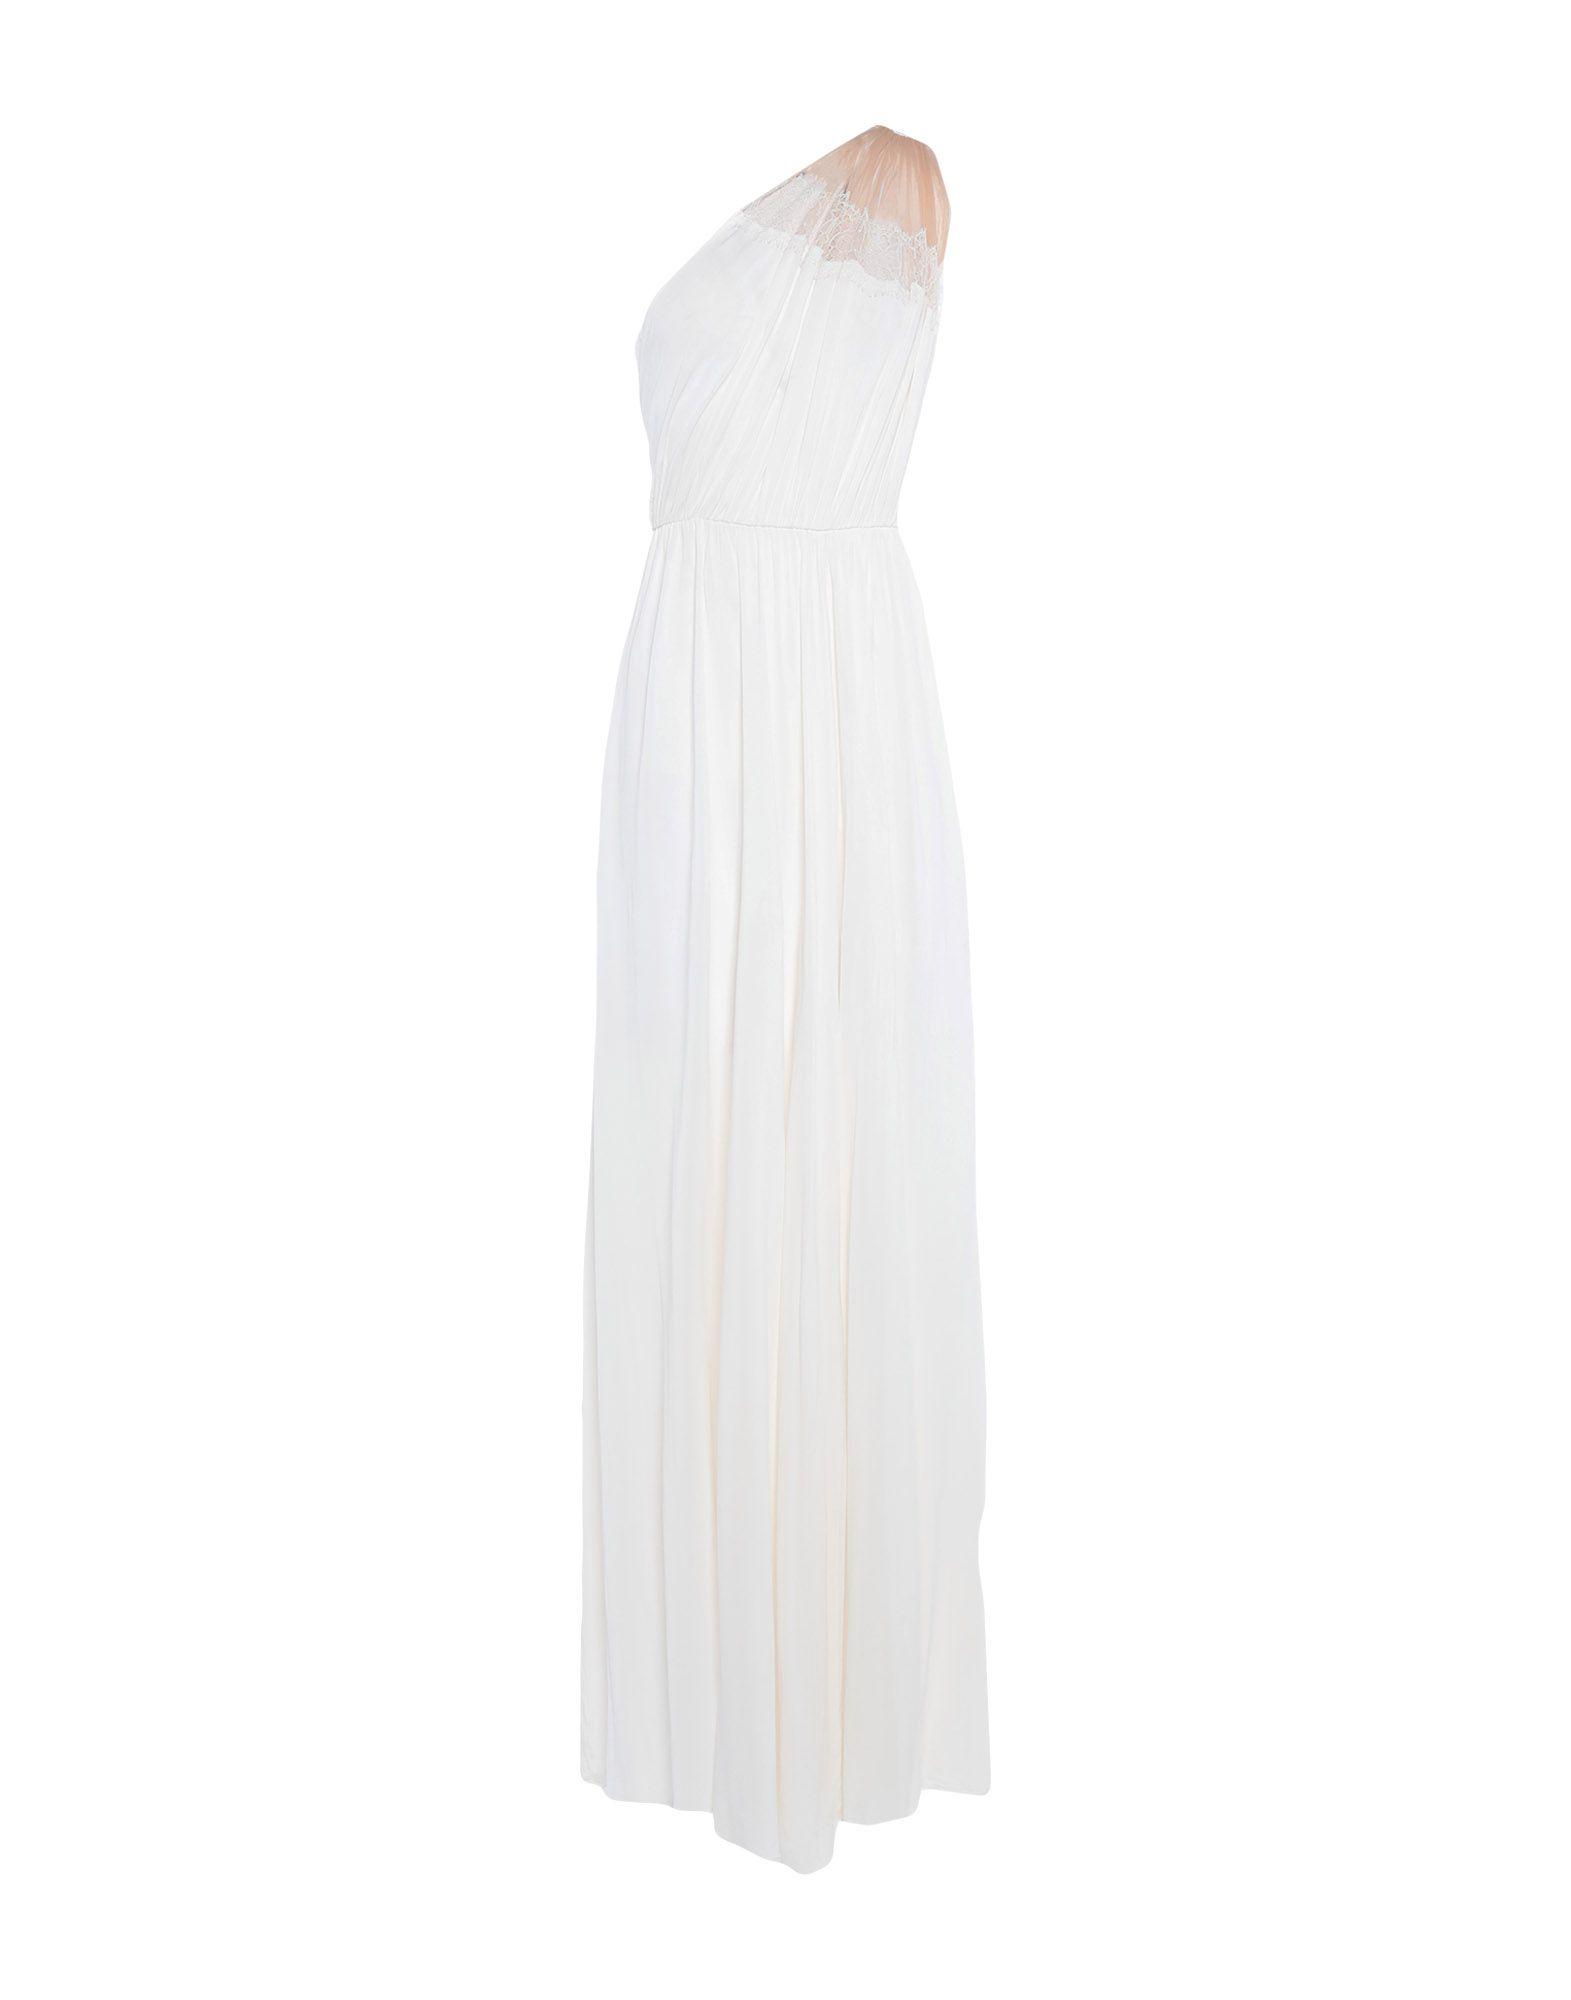 《期間限定セール中》ELISABETTA FRANCHI レディース ロングワンピース&ドレス アイボリー 46 コットン 92% / ポリウレタン 8%